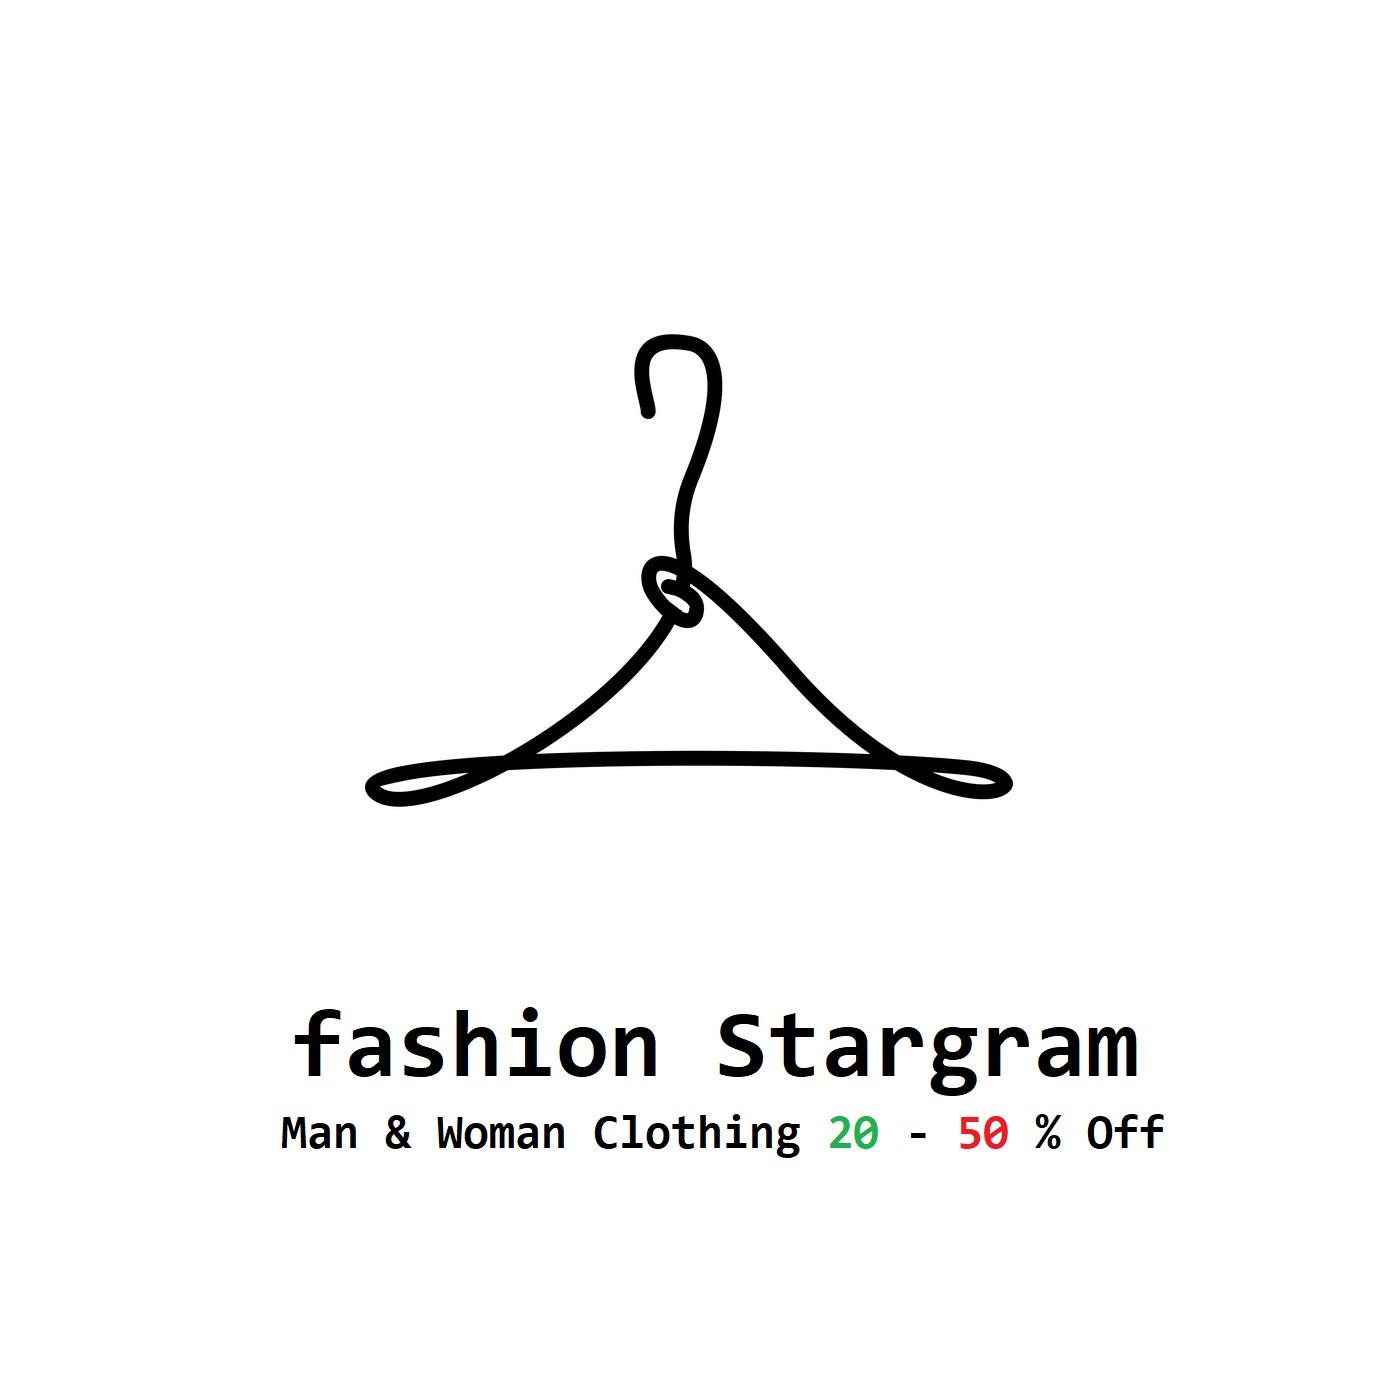 ร้านเสื้อผ้าลด 20 - 50 %